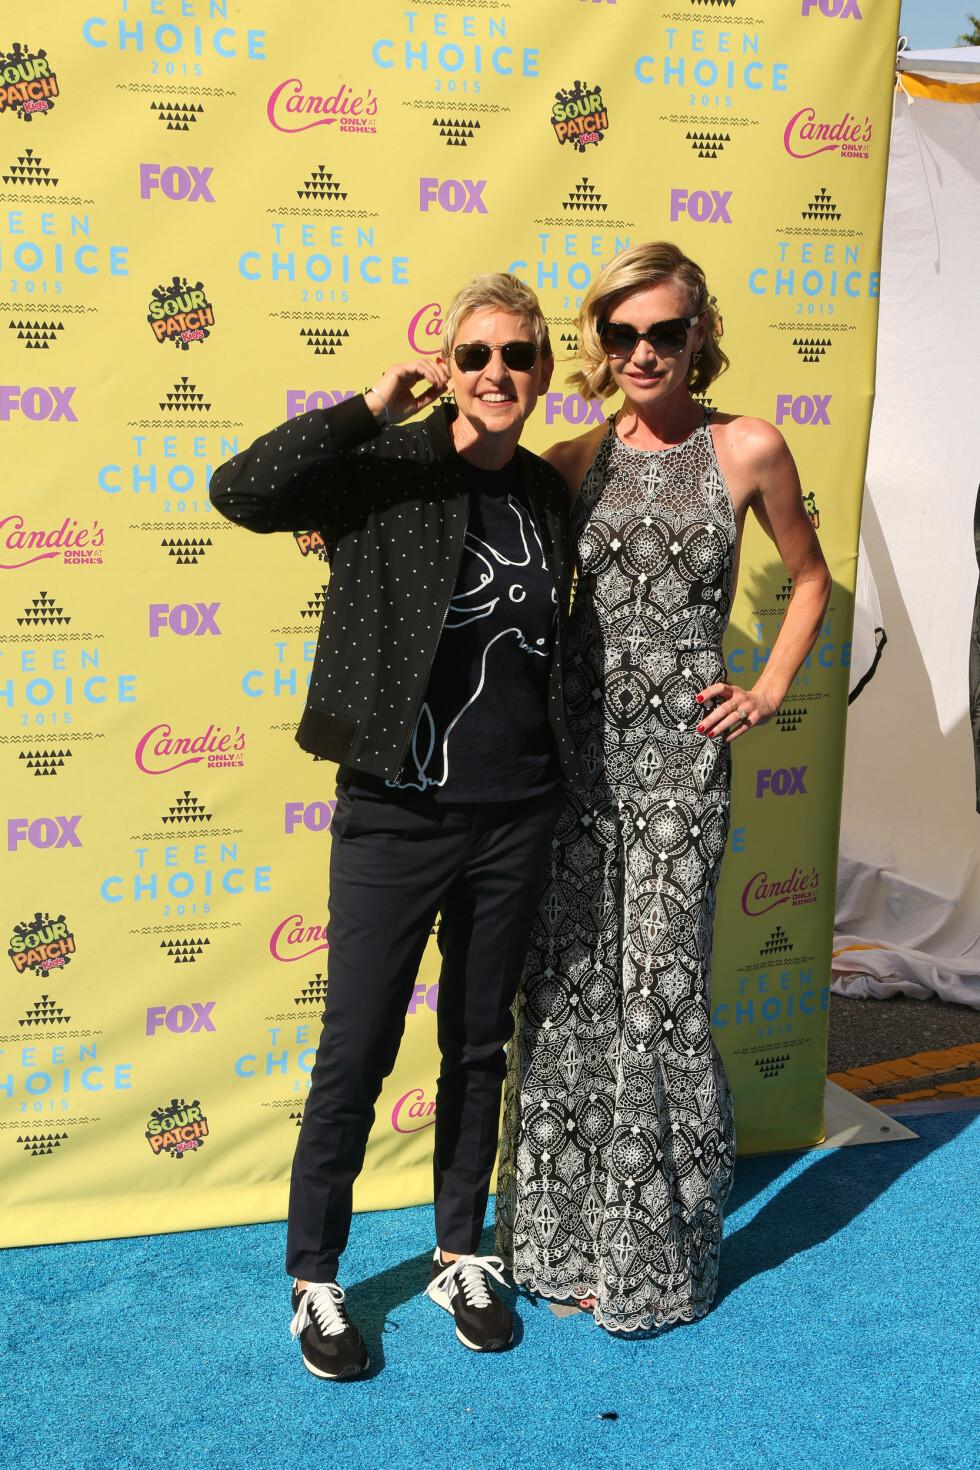 MØNSTER: Ekteparet Ellen DeGeneres og Portia de Rossi kom begge i mønstrede antrekk. Ellen gikk for klær fra sitt eget merke, ED, mens Portia stilte i buksedress fra designer Naeem Khan. Foto: wenn.com